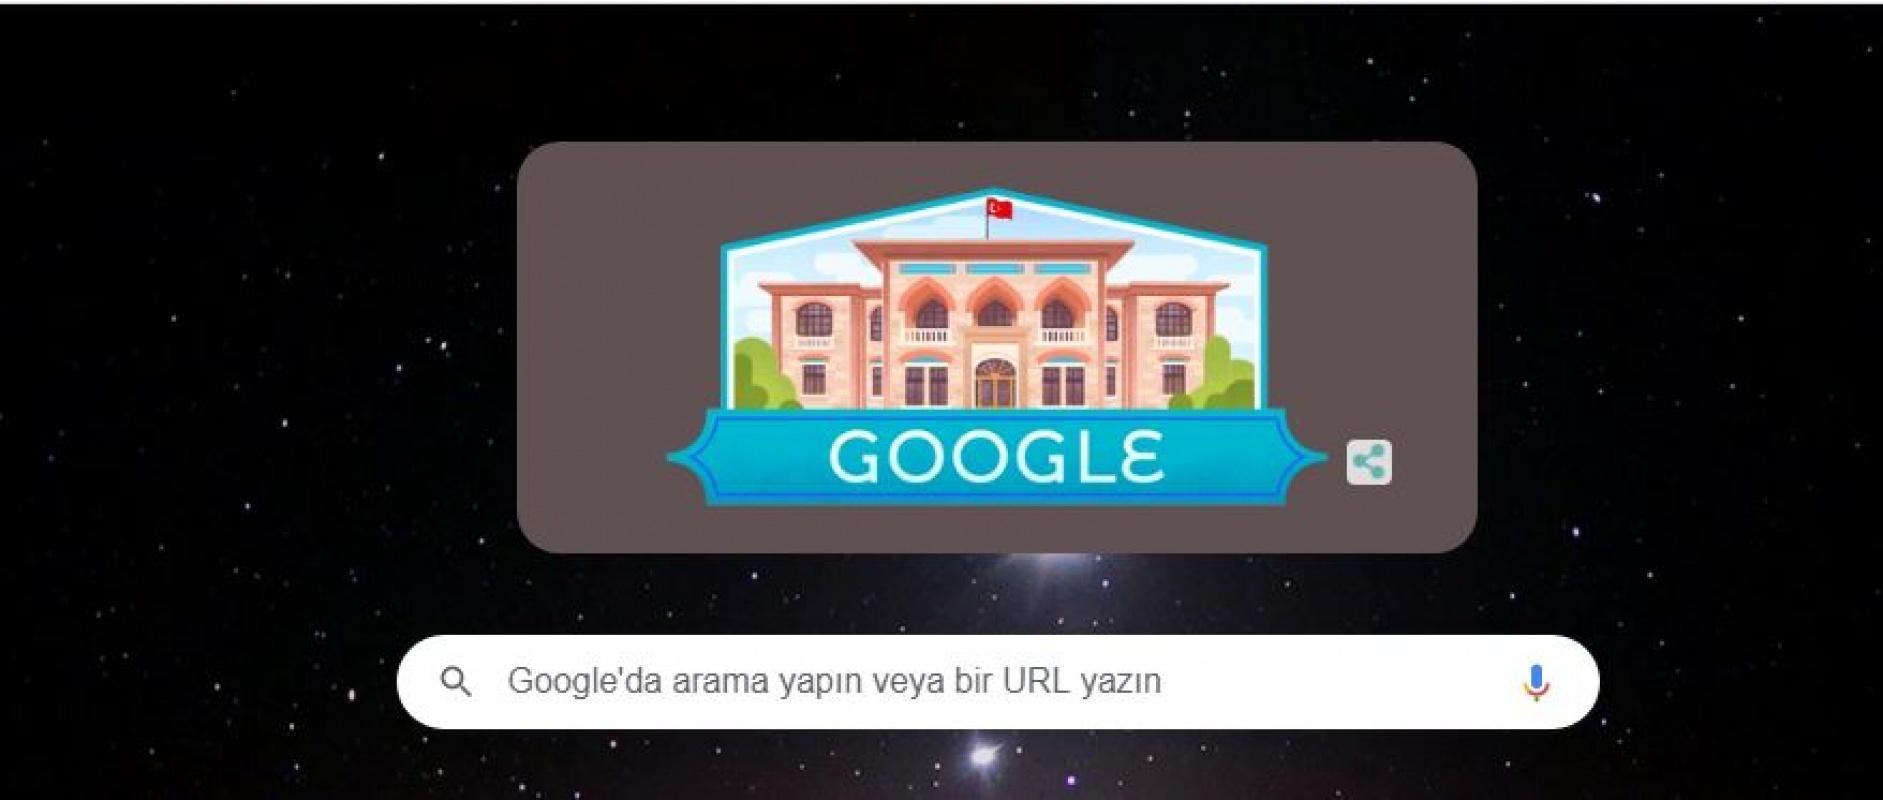 Google gelenedği bozmadı ve 29 Ekim'e özel doodle yayınladı